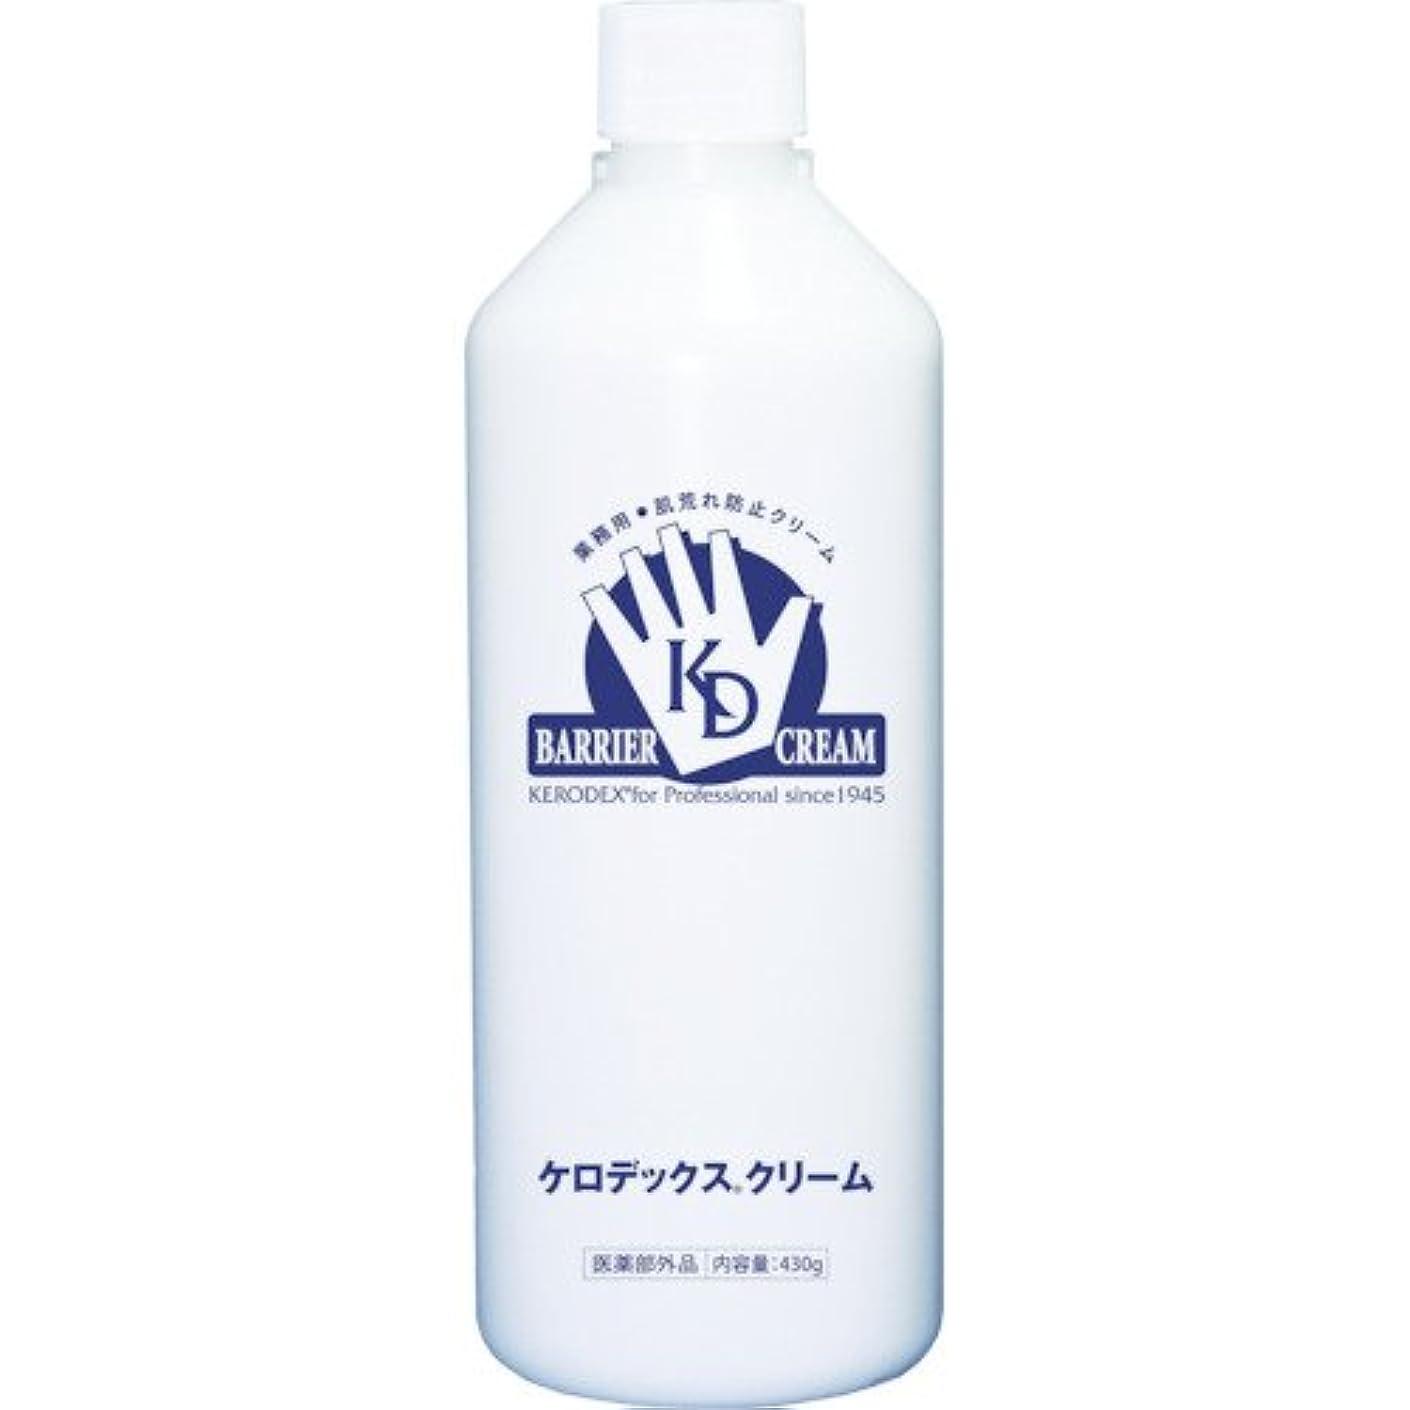 雪増強する古くなったケロデックスクリーム ボトルタイプ 詰替用 430g